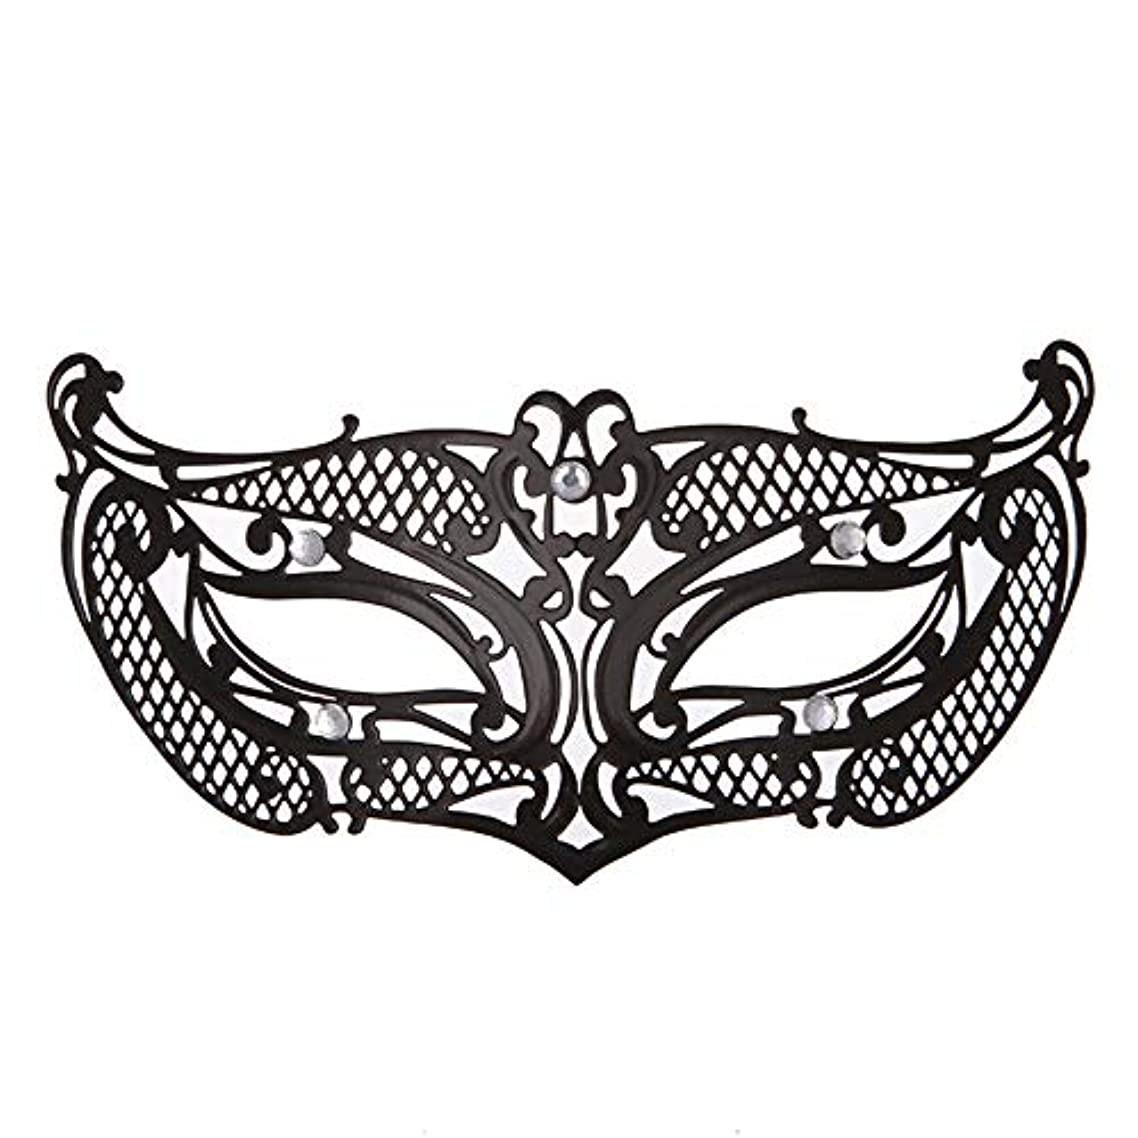 植物のばか孤児ダンスマスク アイアンメタリックレースとダイヤモンドハーフマスクハロウィンダンスマスクナイトクラブボールマスクコスプレパーティーハロウィンマスク ホリデーパーティー用品 (色 : ブラック, サイズ : 19x8cm)